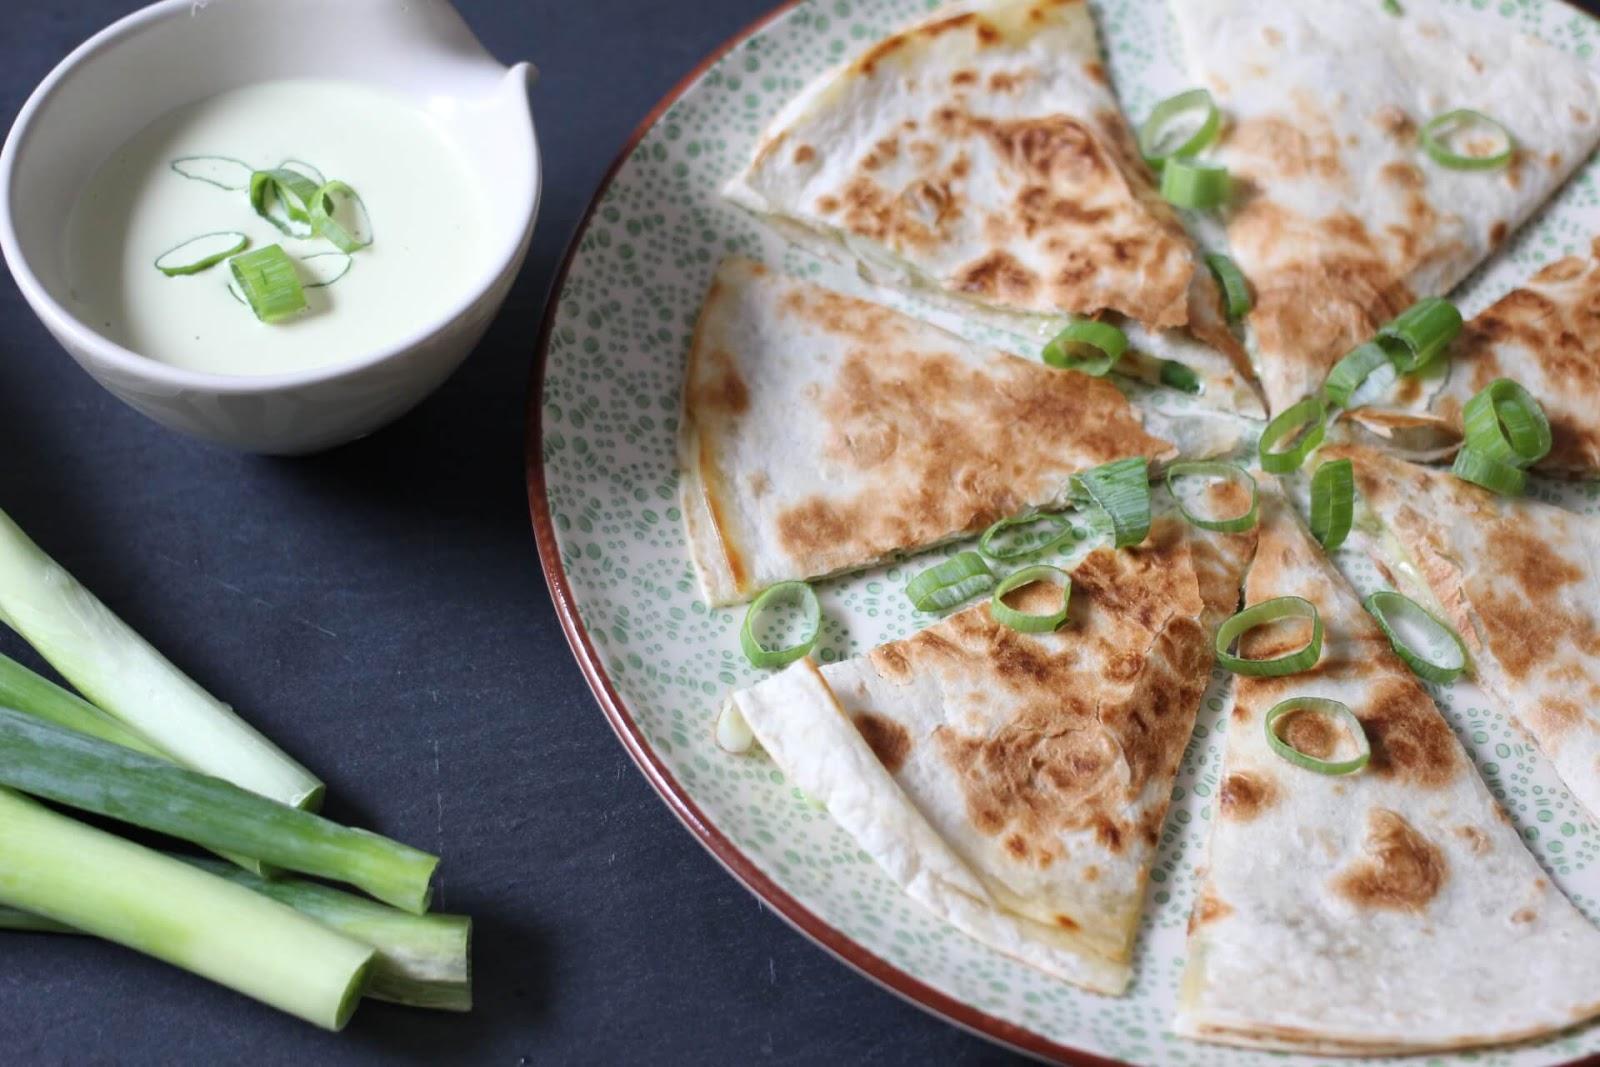 Quesadillas mit Frühlingszwiebeln und Cheddar